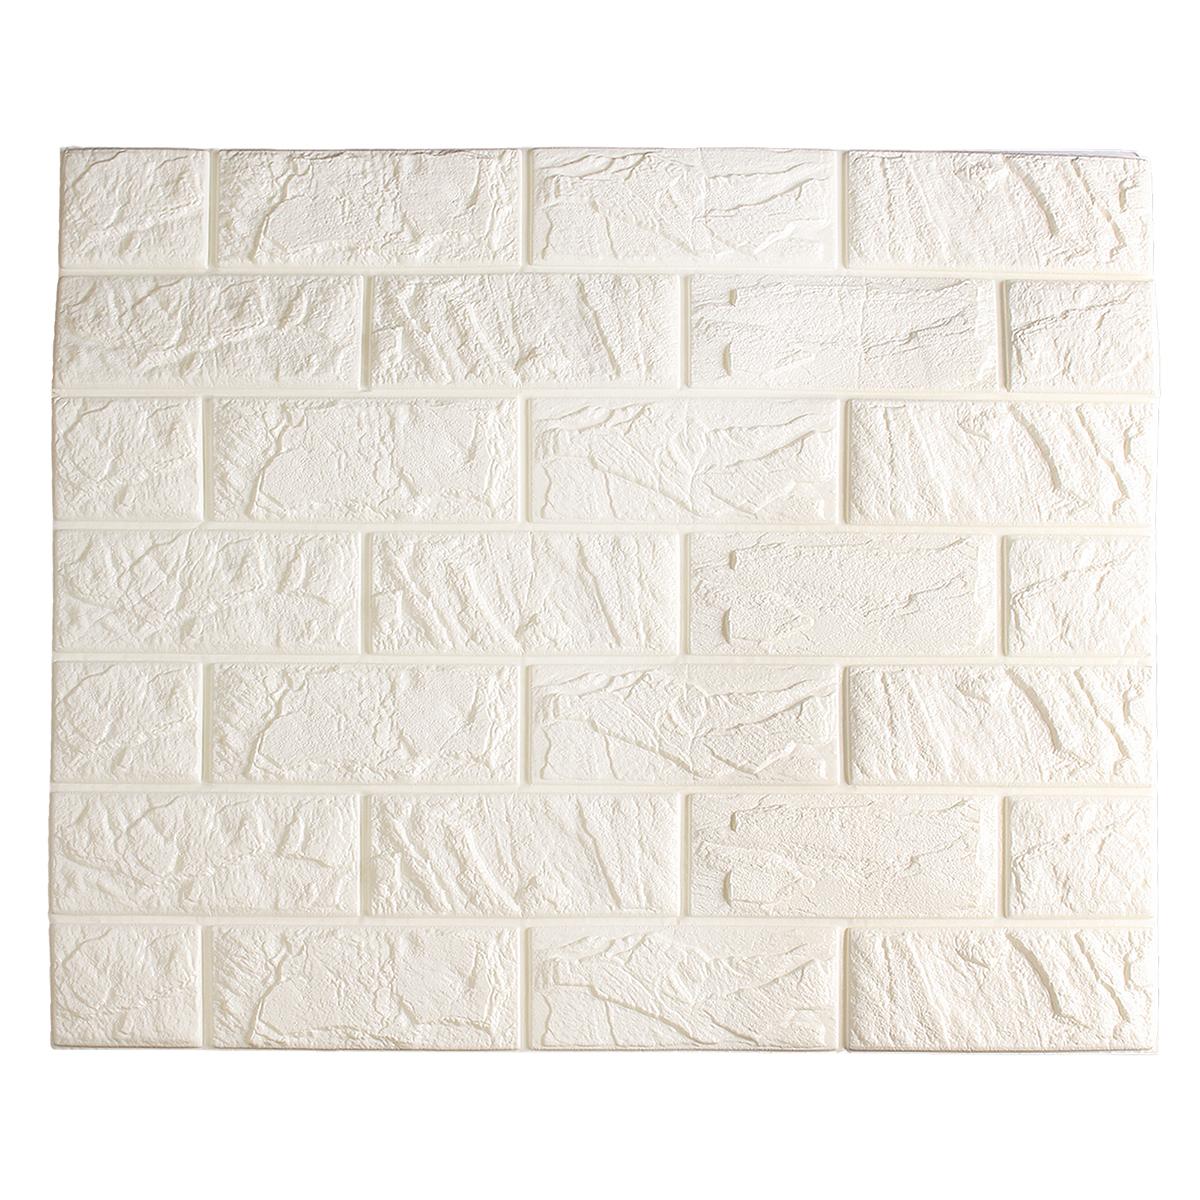 tempsa rouleau papier peint adh sif mural 3d brique etanche pour d cor maison 60x50cm achat. Black Bedroom Furniture Sets. Home Design Ideas